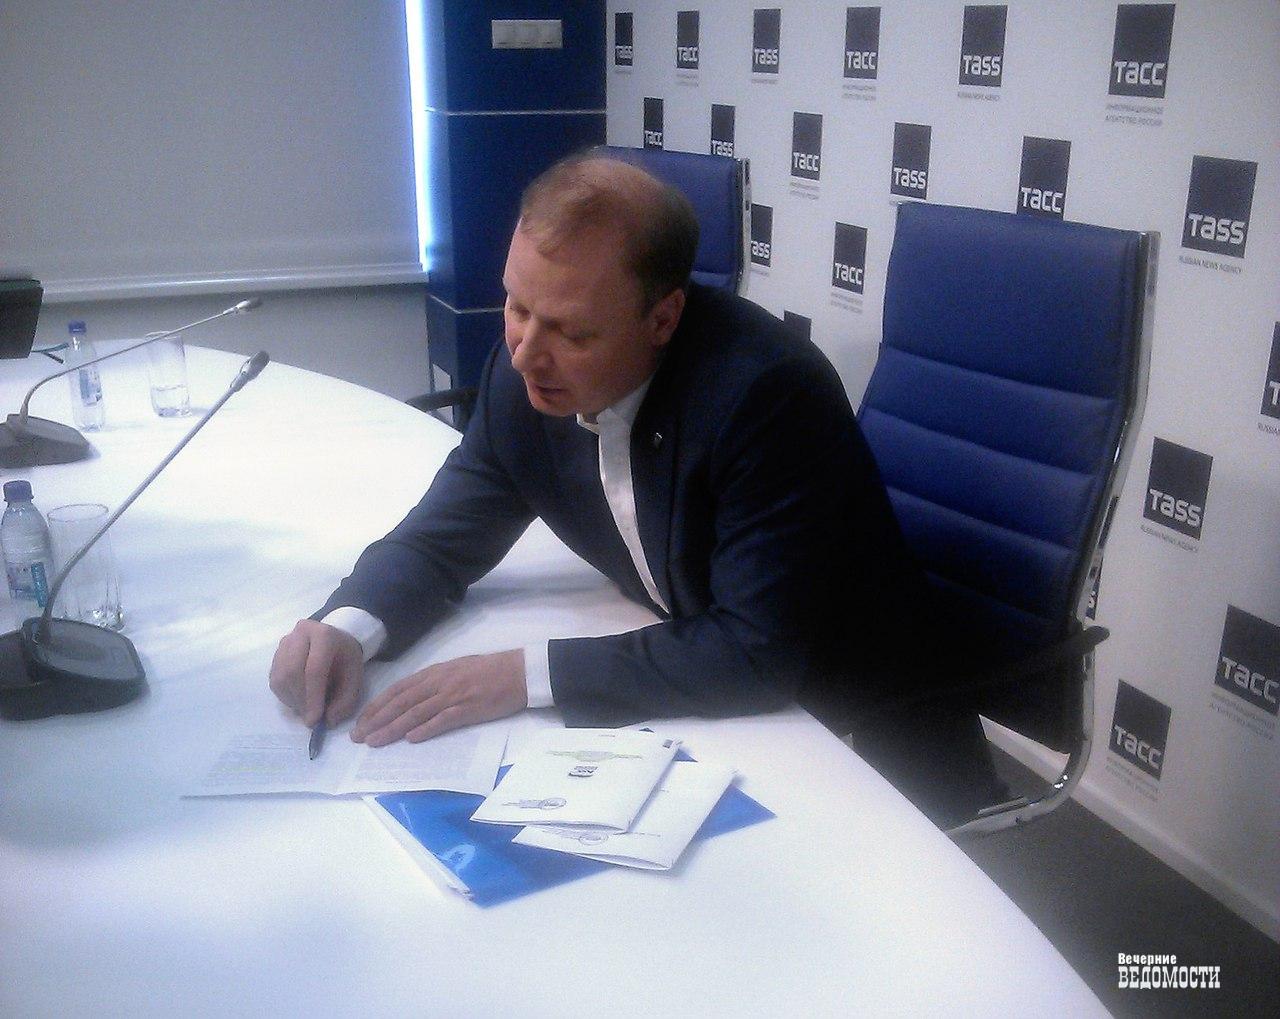 Выборы вмуниципалитетах Свердловской области пройдут по новейшей системе